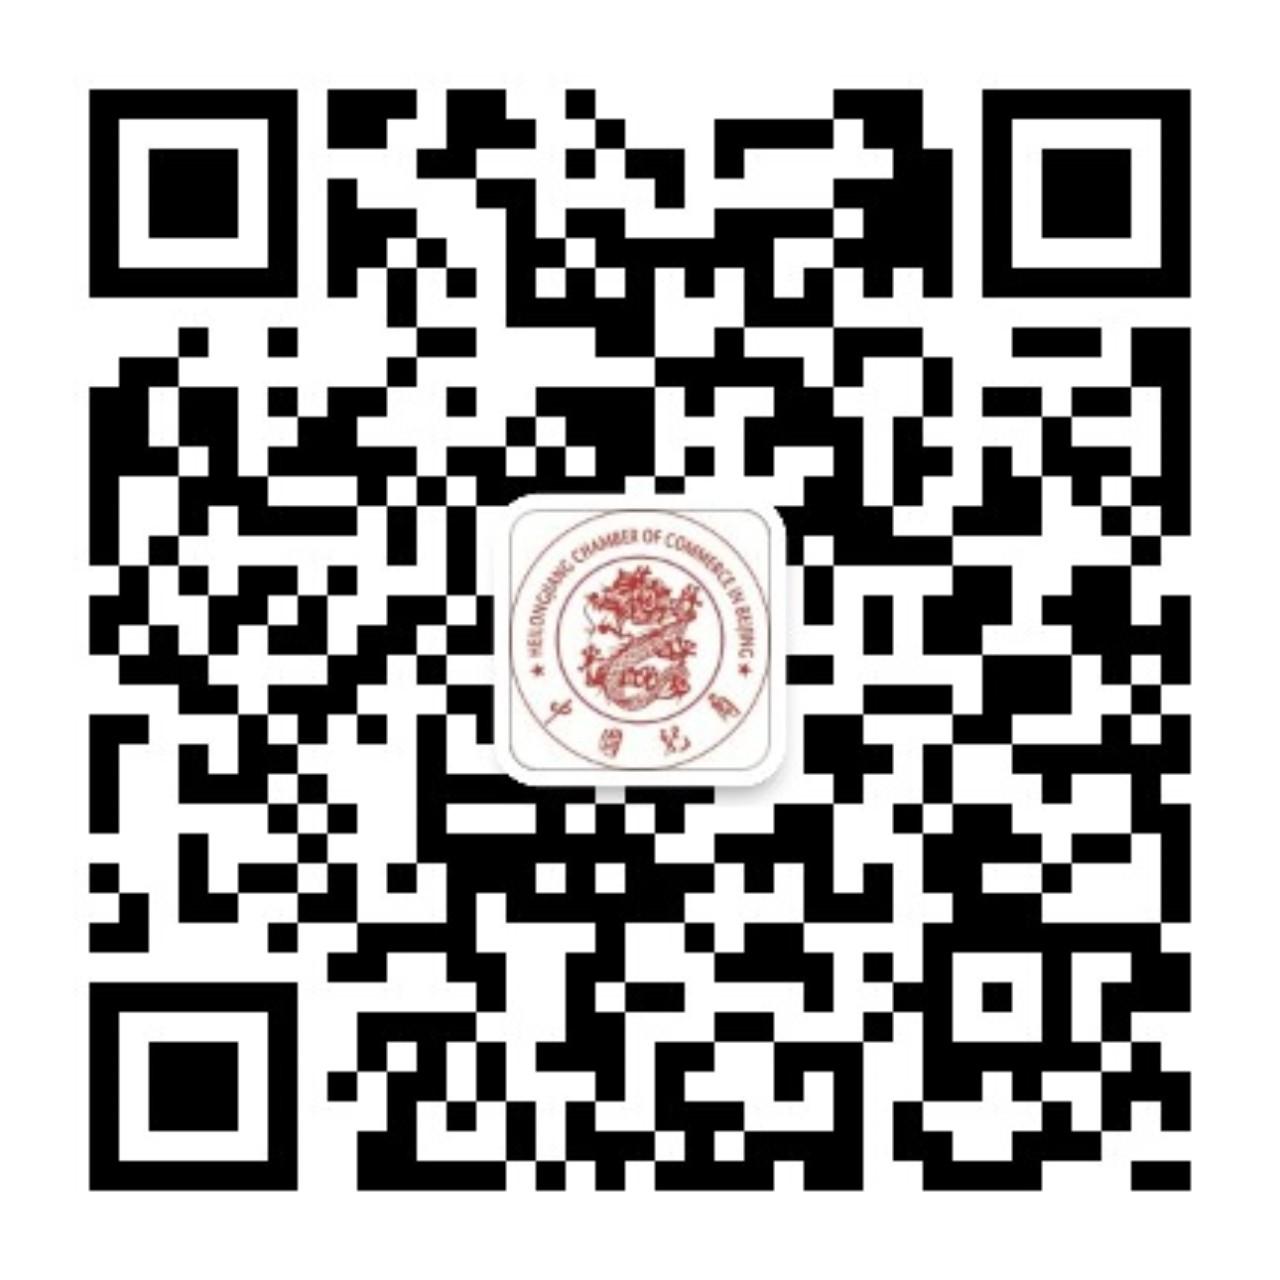 ad03a202-8780-4e40-9798-2b657f39e6c2